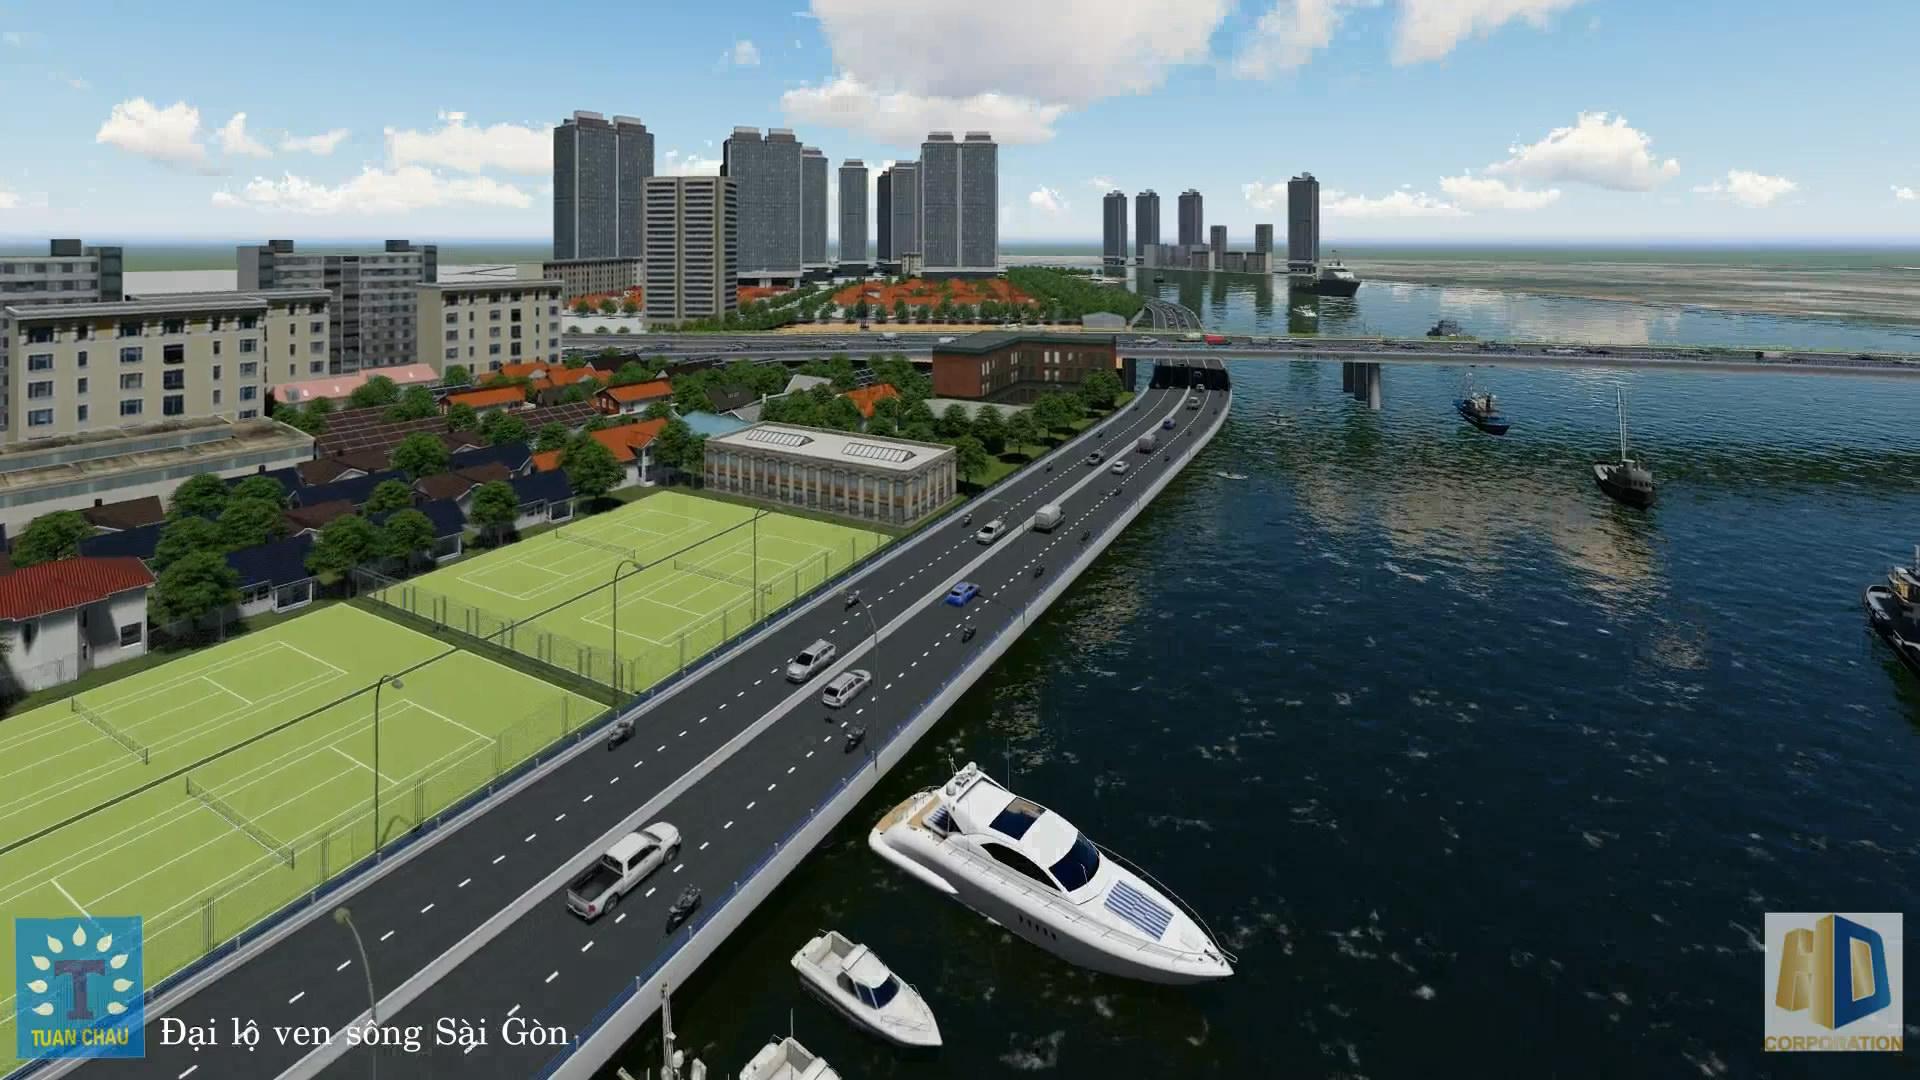 Mở rộng và phát triển đô thị phía tây TP Hồ Chí Minh